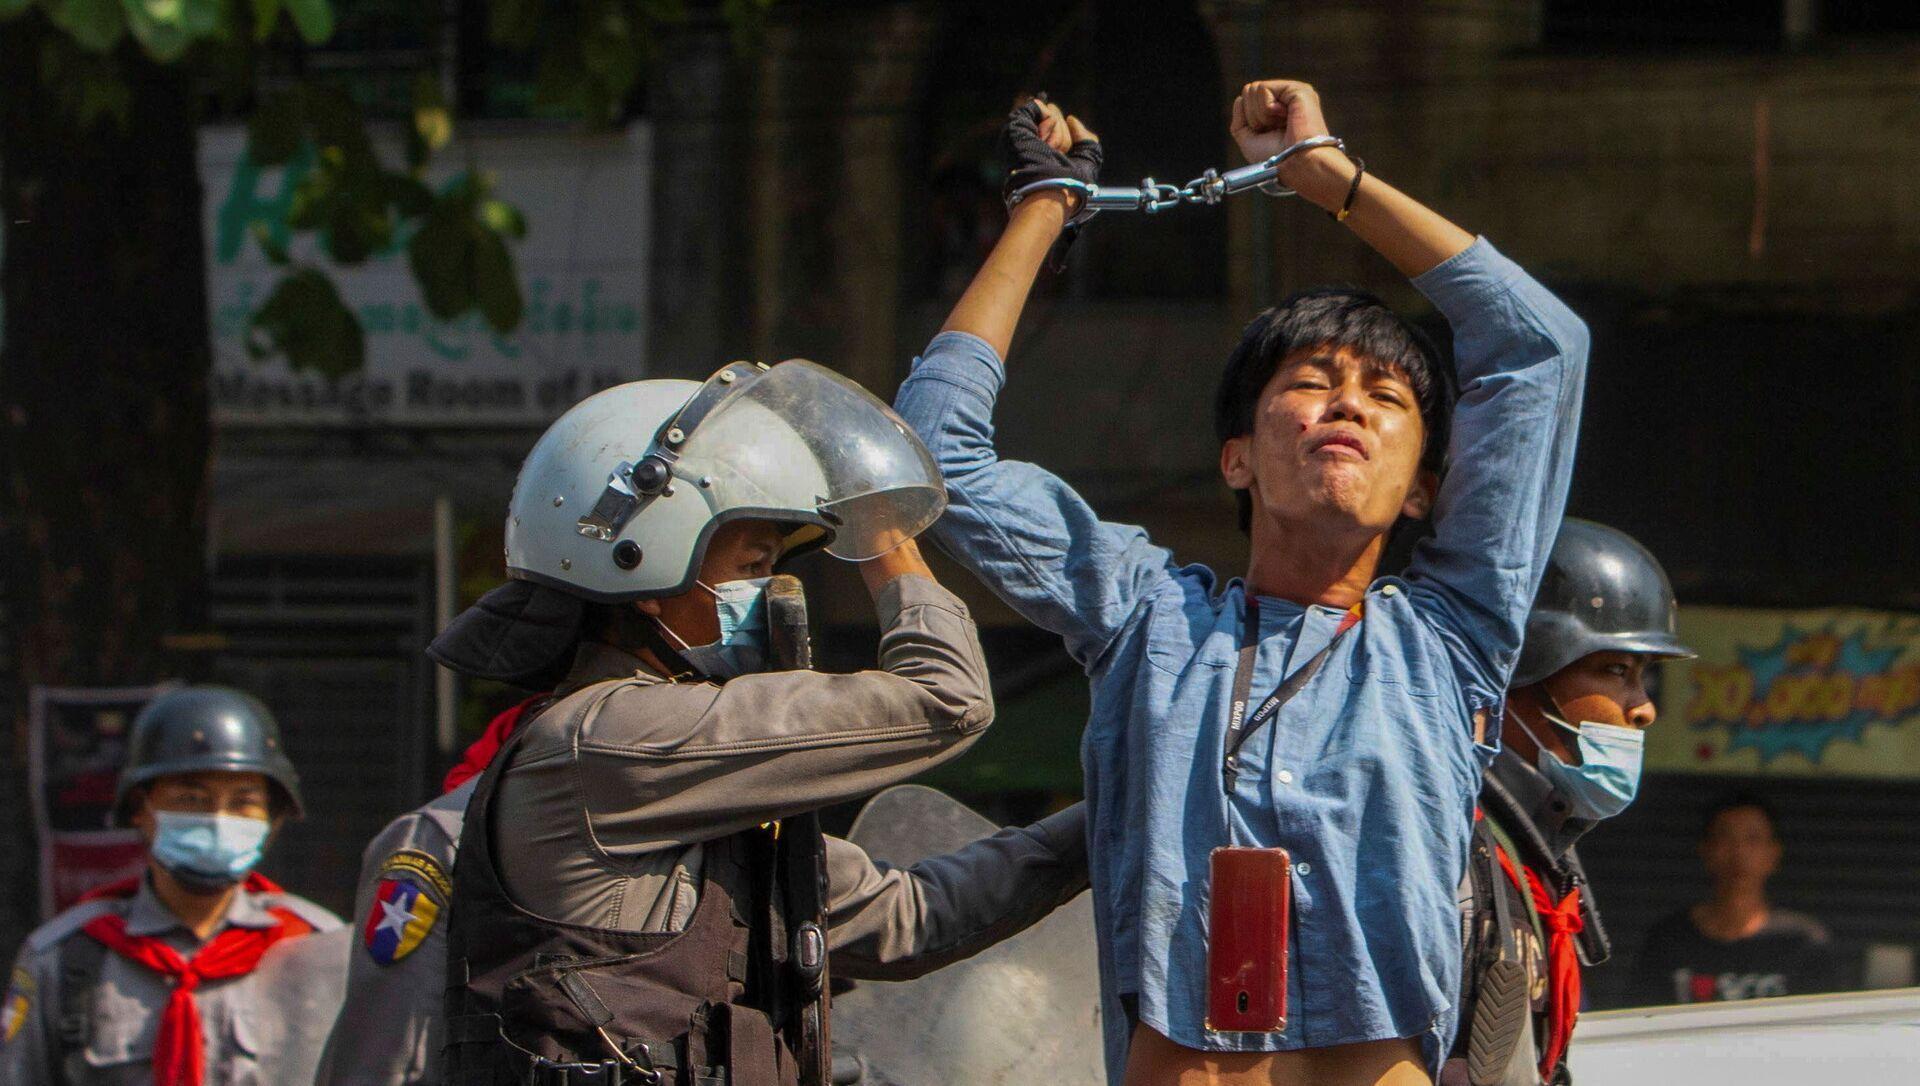 Myanmar, muore poco dopo l'arresto un dirigente del partito della Suu Kyi: rischio escalation  - Sputnik Italia, 1920, 07.03.2021